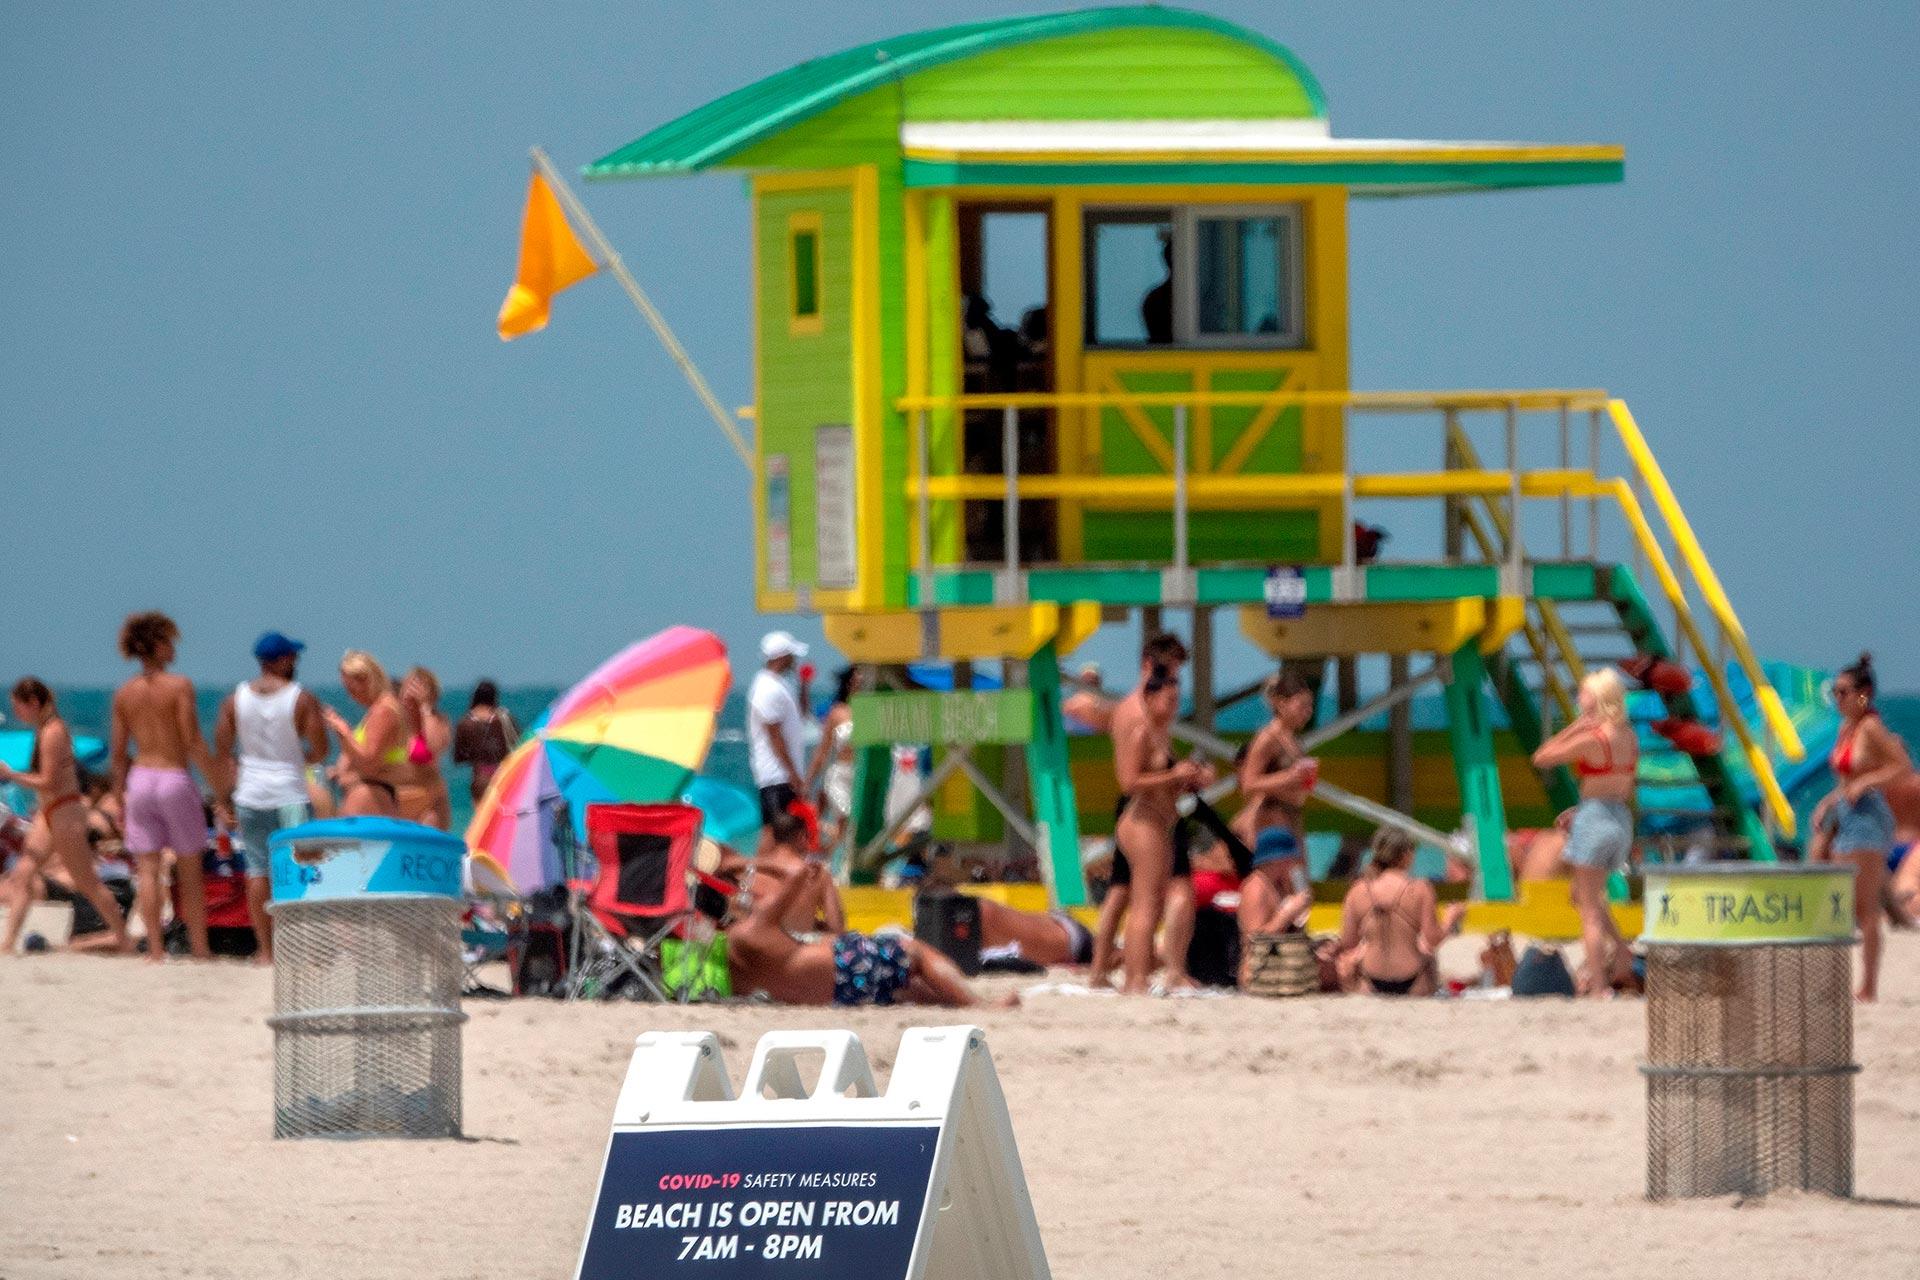 Miami, epicentro, pandemia, Playas, contagios, salud pública, Florida